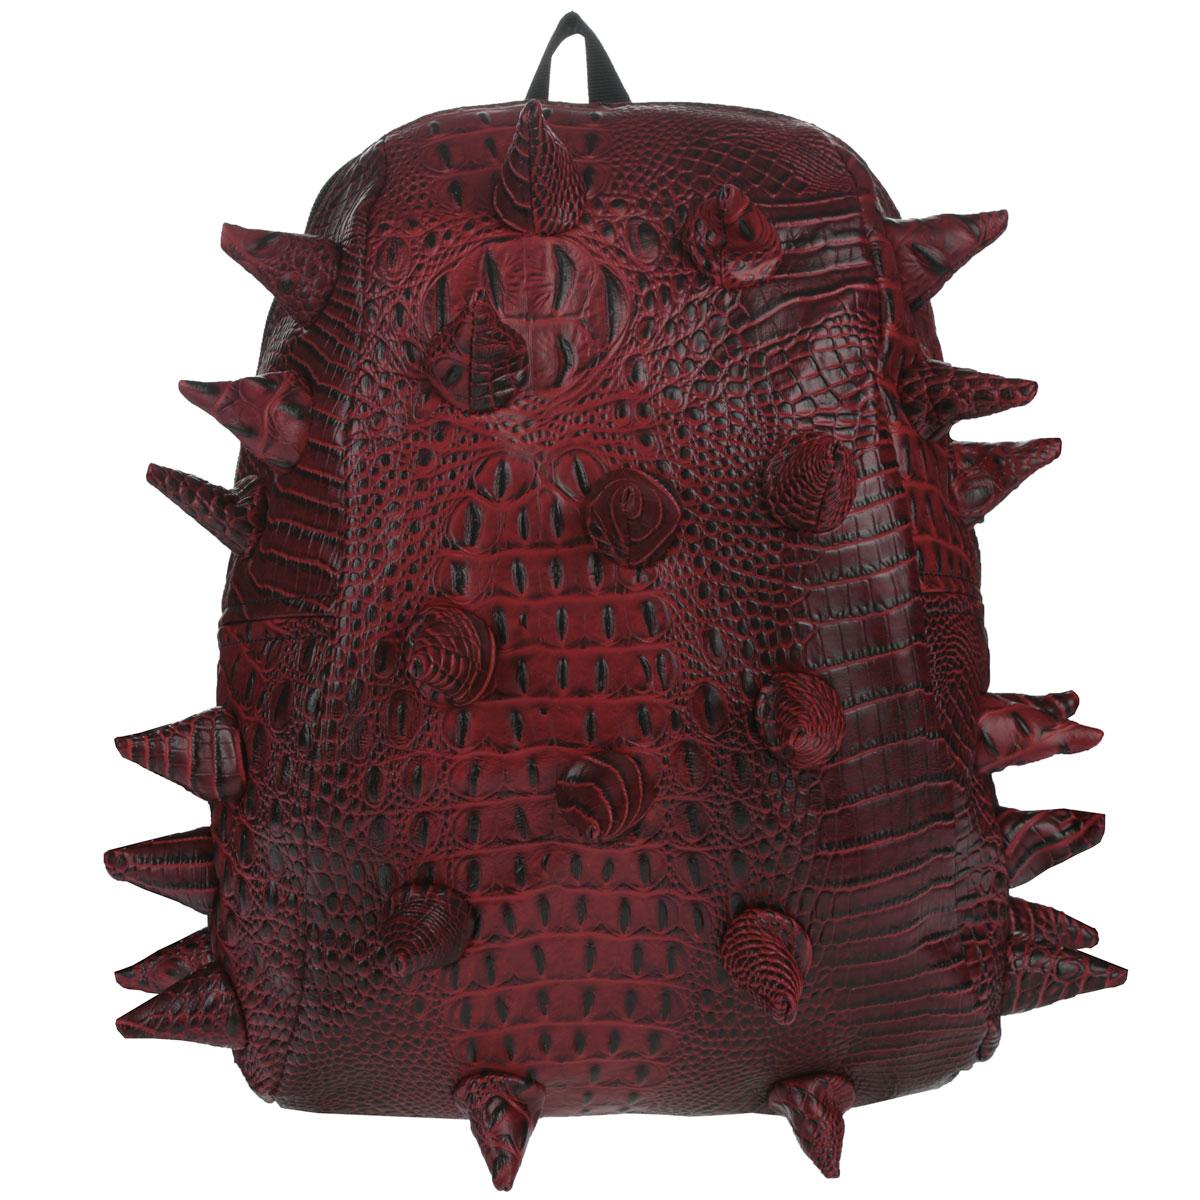 """Рюкзак городской MadPax Gator Half, цвет: красный, 16 лRivaCase 8460 aquamarineГородской рюкзак MadPax Gator Half - это стильный и практичный аксессуар, уместный в ритме большого города. Верх рюкзака выполнен из 100% поливинила с тиснением под рептилию, шипы придают изделию неповторимый дизайн. Подкладка изготовлена из нейлона. Рюкзак имеет одно основное отделение, которое закрывается на застежку-молнию. Внутри поместится ноутбук с диагональю 13"""", iPad и бумаги формата А4. Также внутри содержится небольшой карман на молнии для мелких вещей. Модель оснащена ручкой для переноски в руке, а также мягкими и широкими плечевыми лямками, которые можно регулировать по длине. Полностью вентилируемая ортопедическая спинка создает дополнительный комфорт вашей спине. Сзади расположен кармашек из прозрачного ПВХ для визитки. MadPax - это крутые рюкзаки в стиле фанк, которые своим неповторимым дизайном бросают вызов монотонности и скуке. Эти уникальные рюкзаки помогают детям всех возрастов самовыражаться, а их внутренняя структура с отделениями, карманами и застежками-молниями делает их невероятно практичными. Материал: поливинил, нейлон, пластик, металл."""